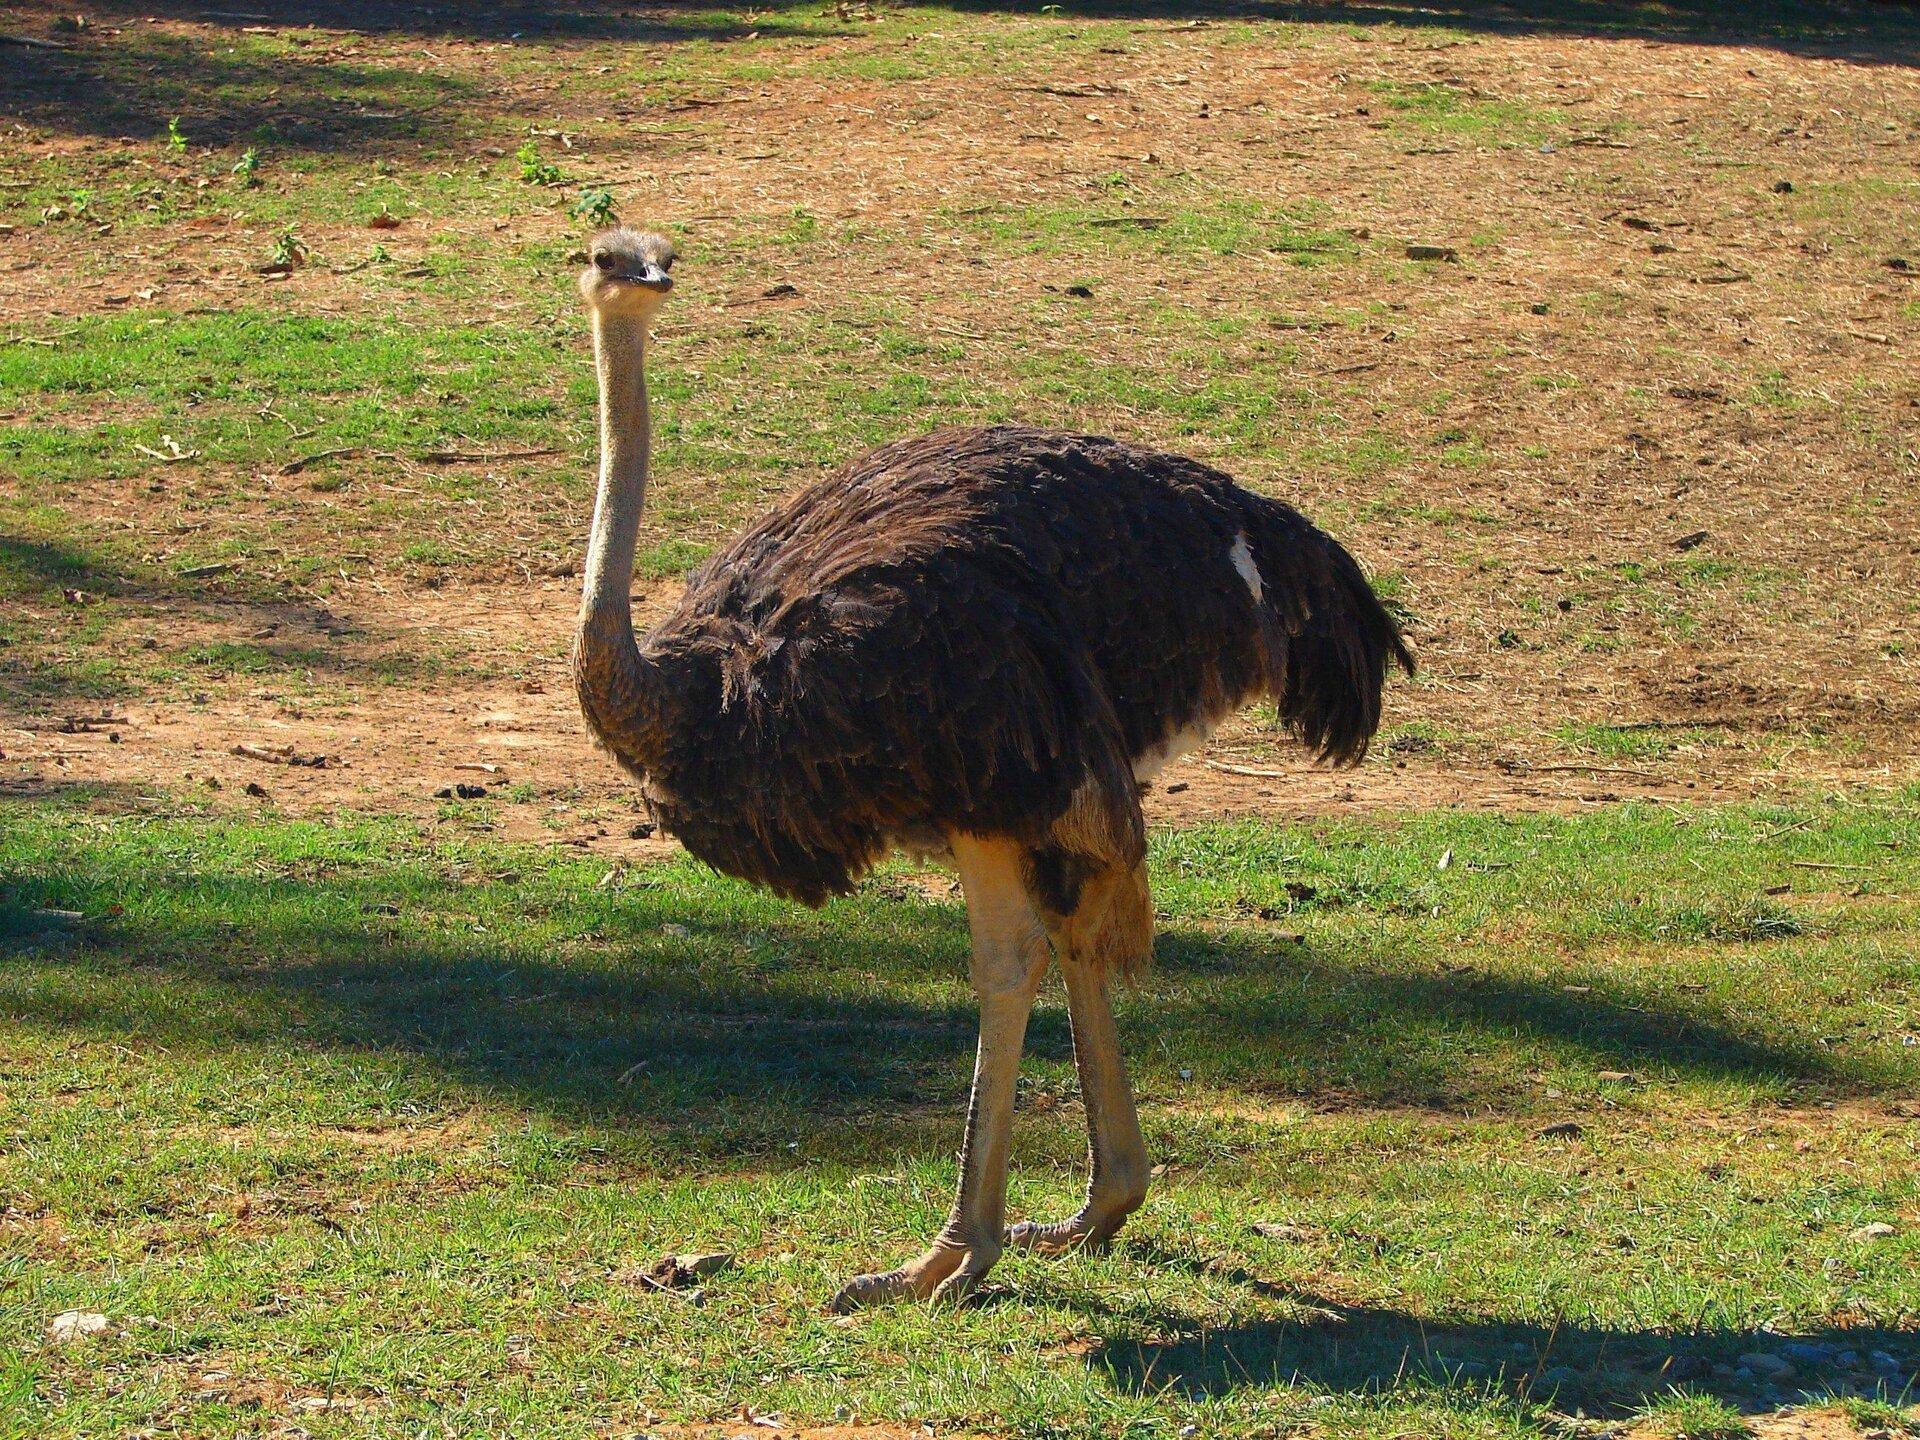 Fotografia przedstawia stojącego dużego strusia afrykańskiego. Brązowe długie pióra na tułowiu, głowa zlewej mała, na długiej nagiej szyi. Duże oczy iszeroki dziób. Nogi grube, mocne, opierzone ugóry. Palce grube, środkowy dłuższy od pozostałych.